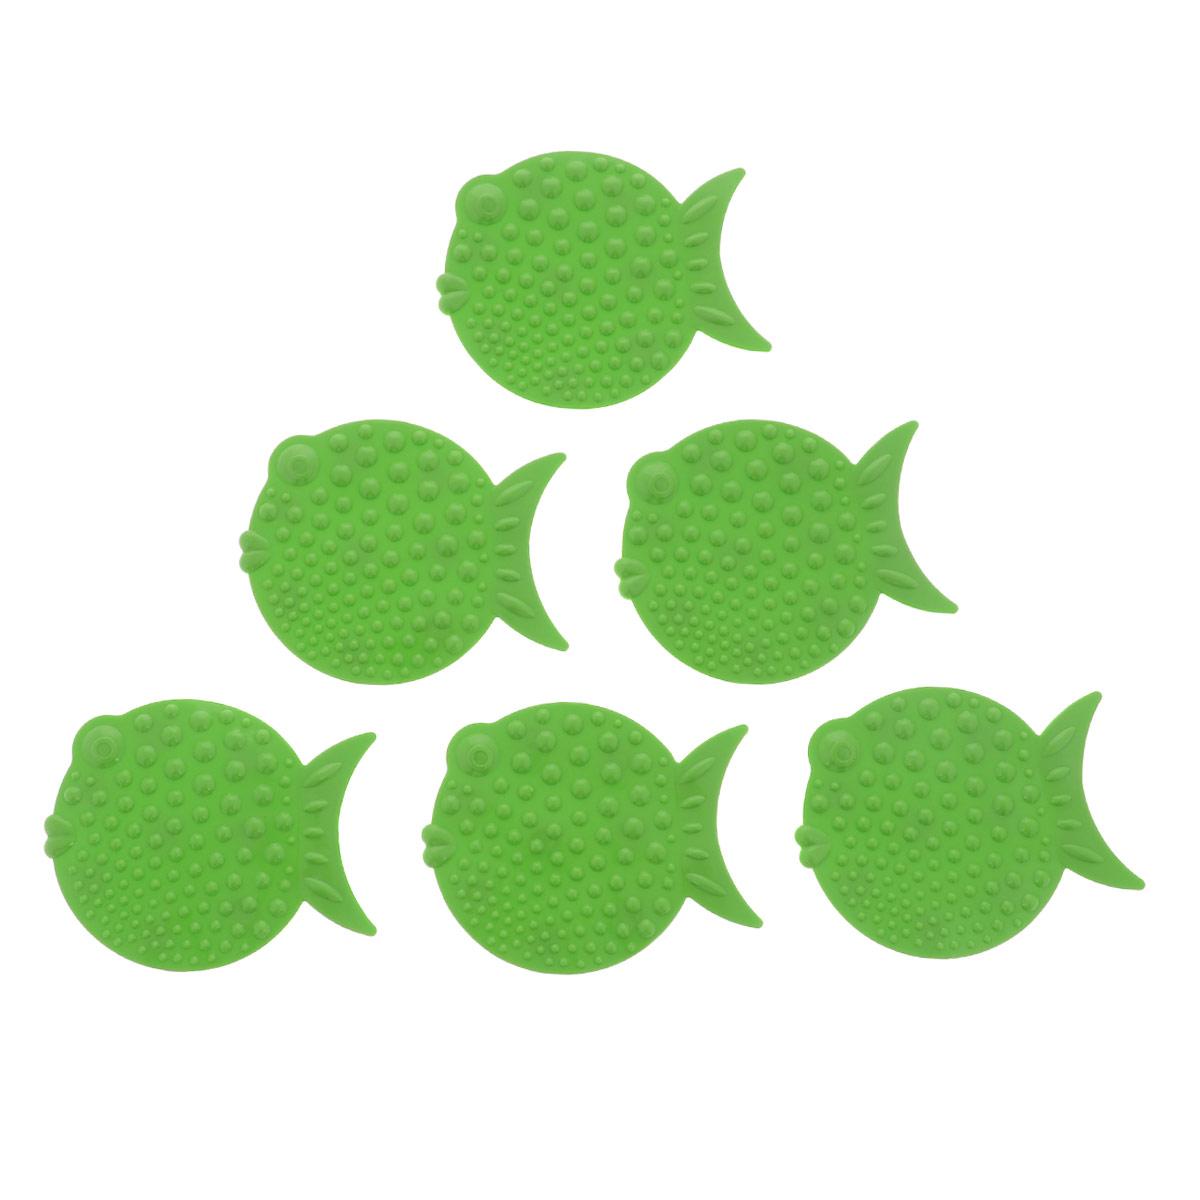 Набор мини-ковриков для ванной Перламутровая рыба, цвет: зеленый, 6 шт837-020Набор Перламутровая рыба включает шесть мини-ковриков для ванной. Изготовлены из PVC (полимерные материалы). Коврики оснащены присосками, предотвращающими скольжение. Крепятся на дно ванны, также можно использовать как декор для плитки. Легко чистить.Комплектация: 6 шт.Материал: 100% полимерные материалы.Размер мини-коврика: 12 см х 9,5 см.